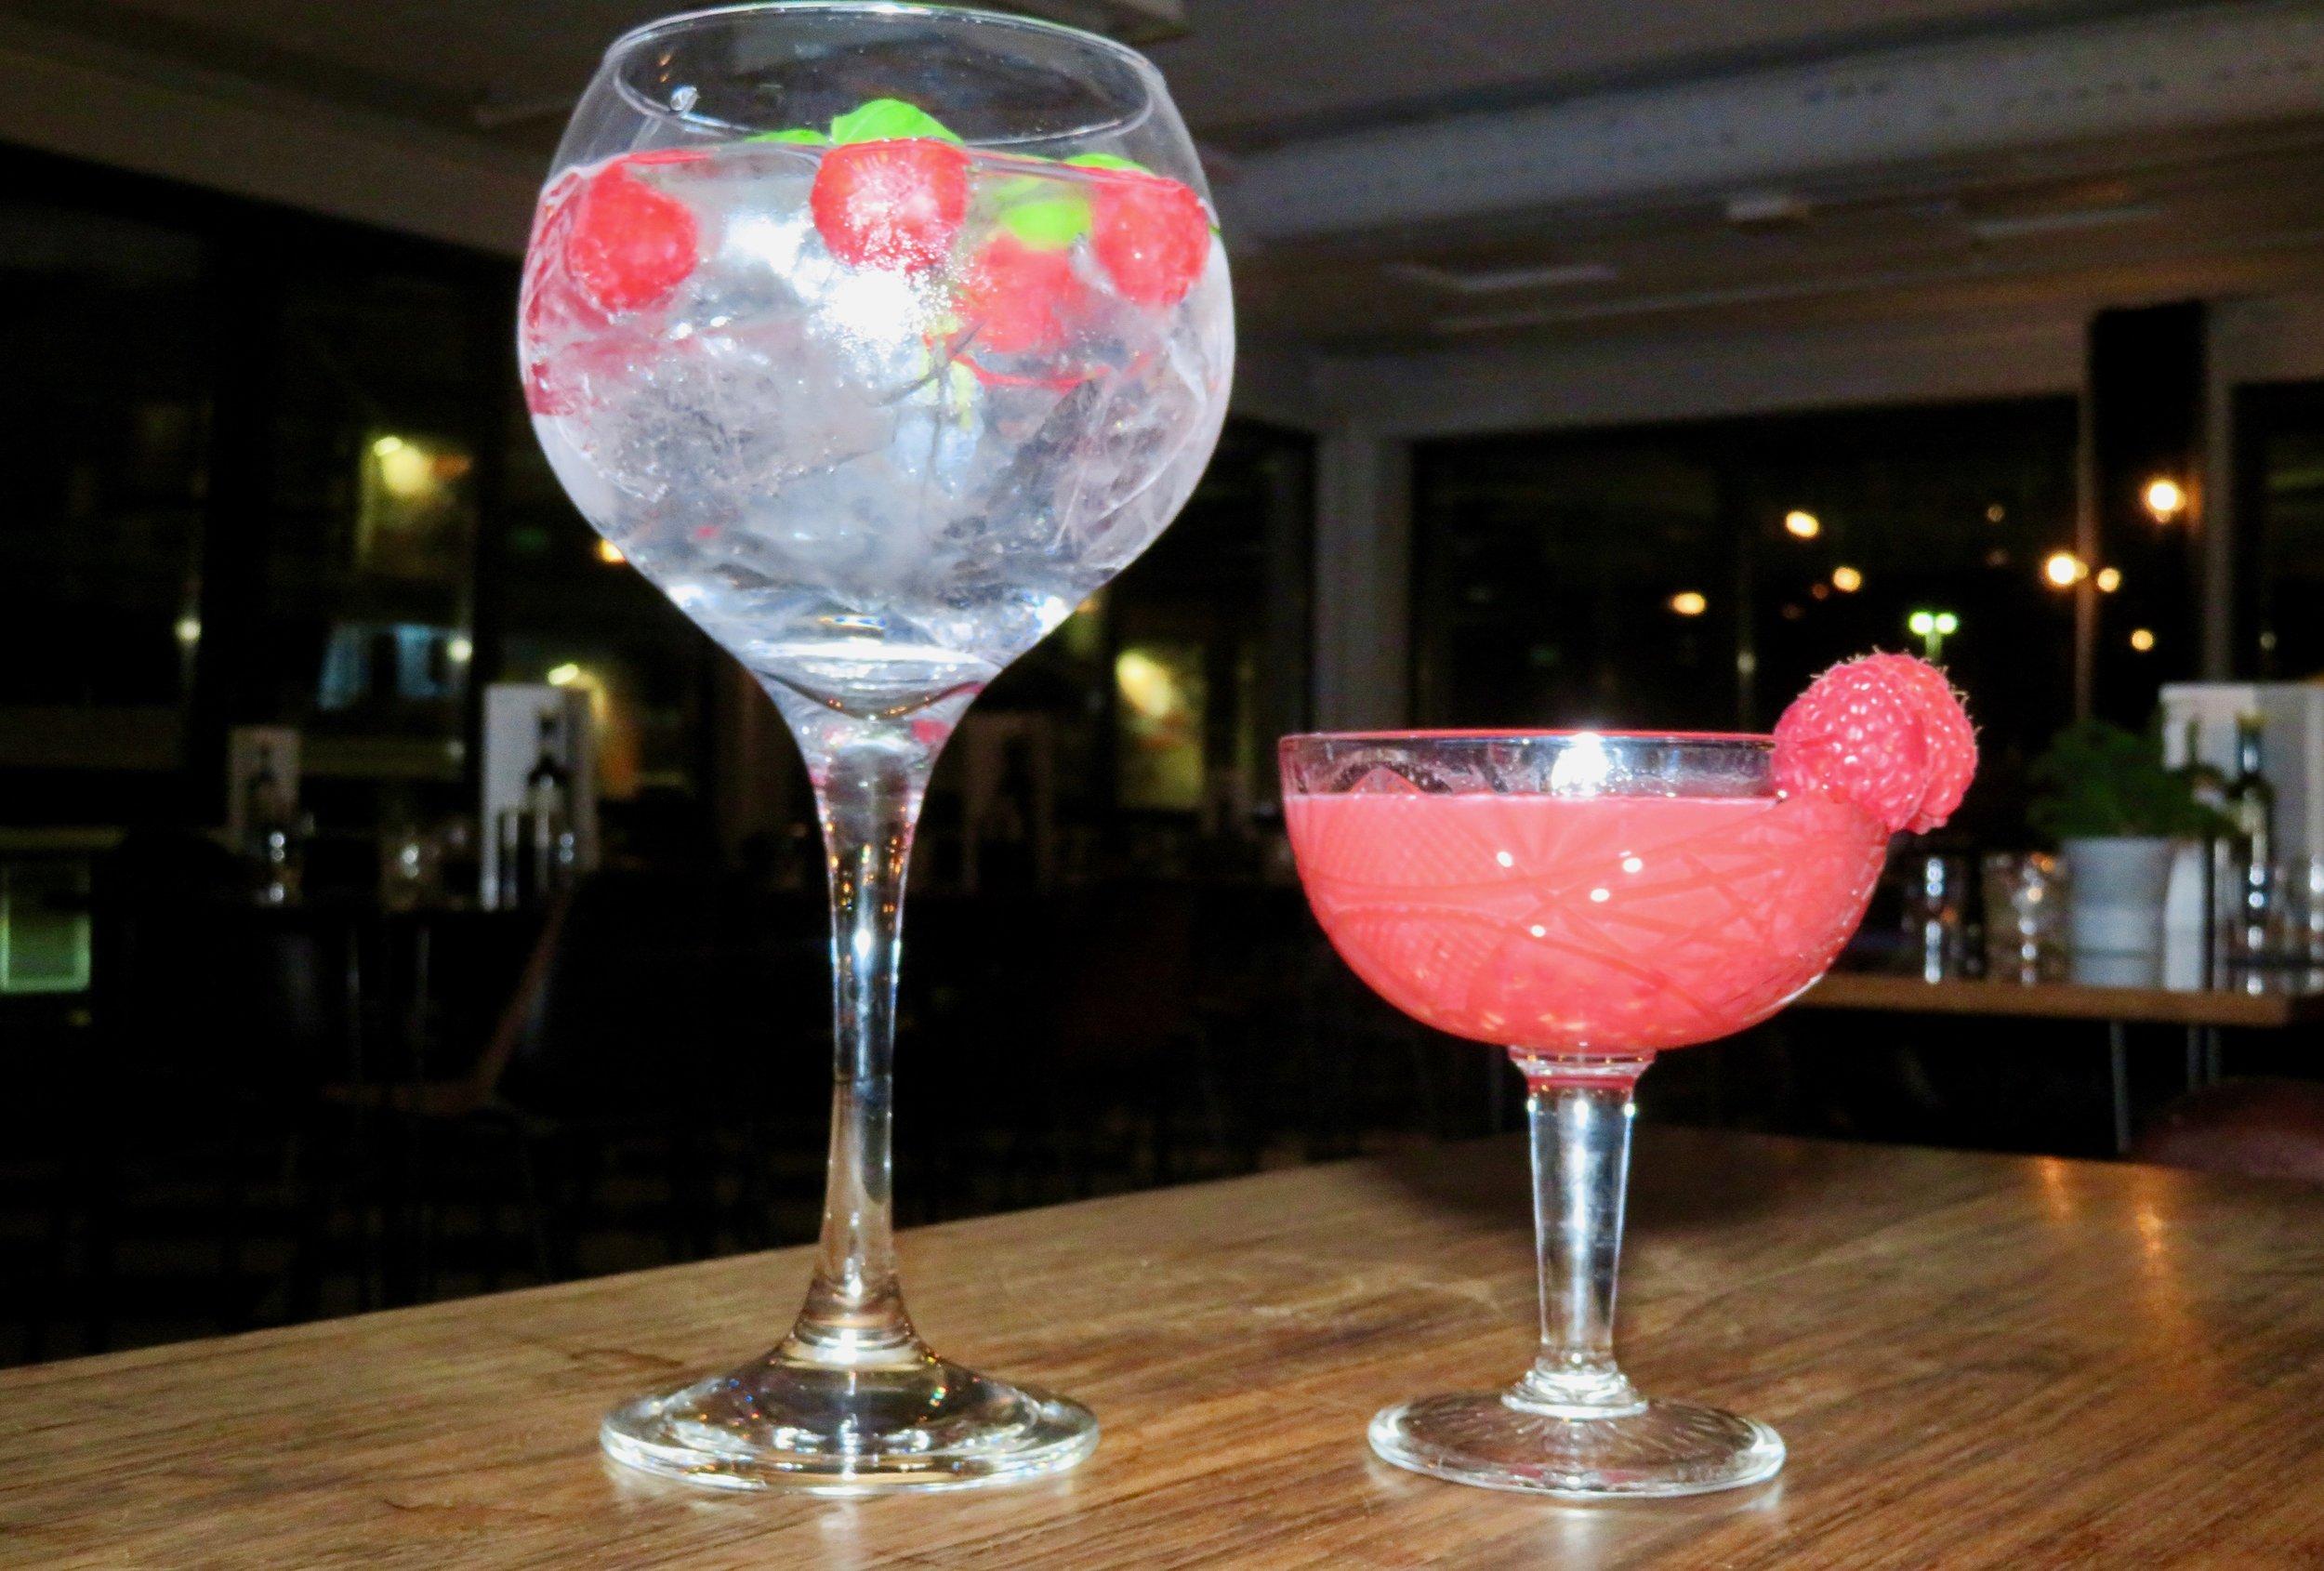 Sommerfølelse på to glass.                           Foto: Odd Roar Lange